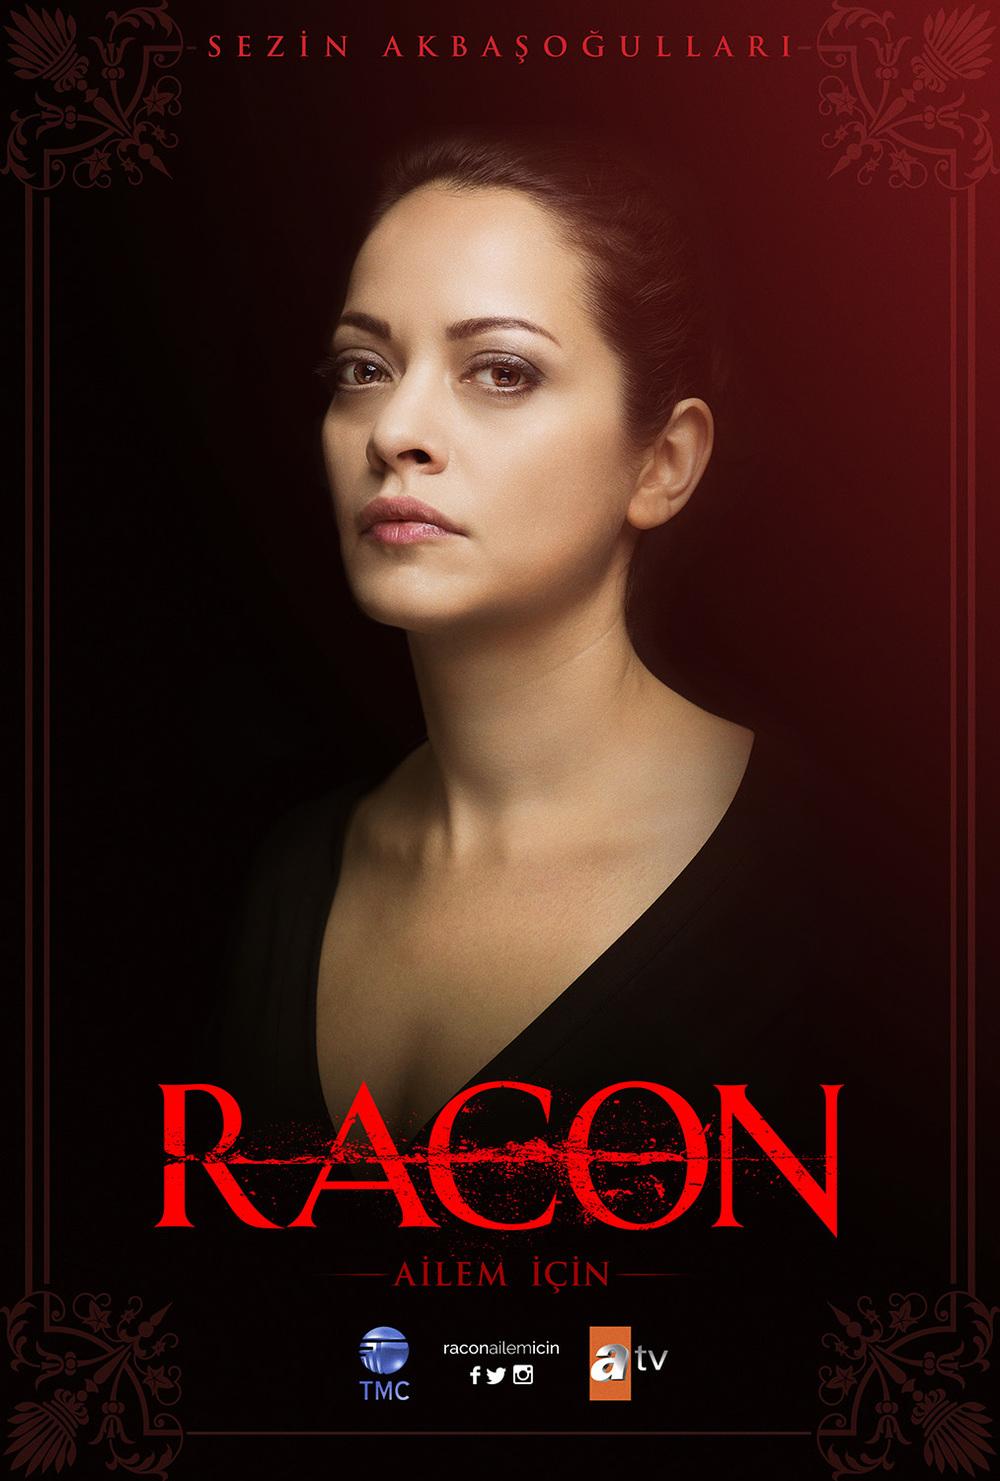 RACON_TEASER_7.jpg